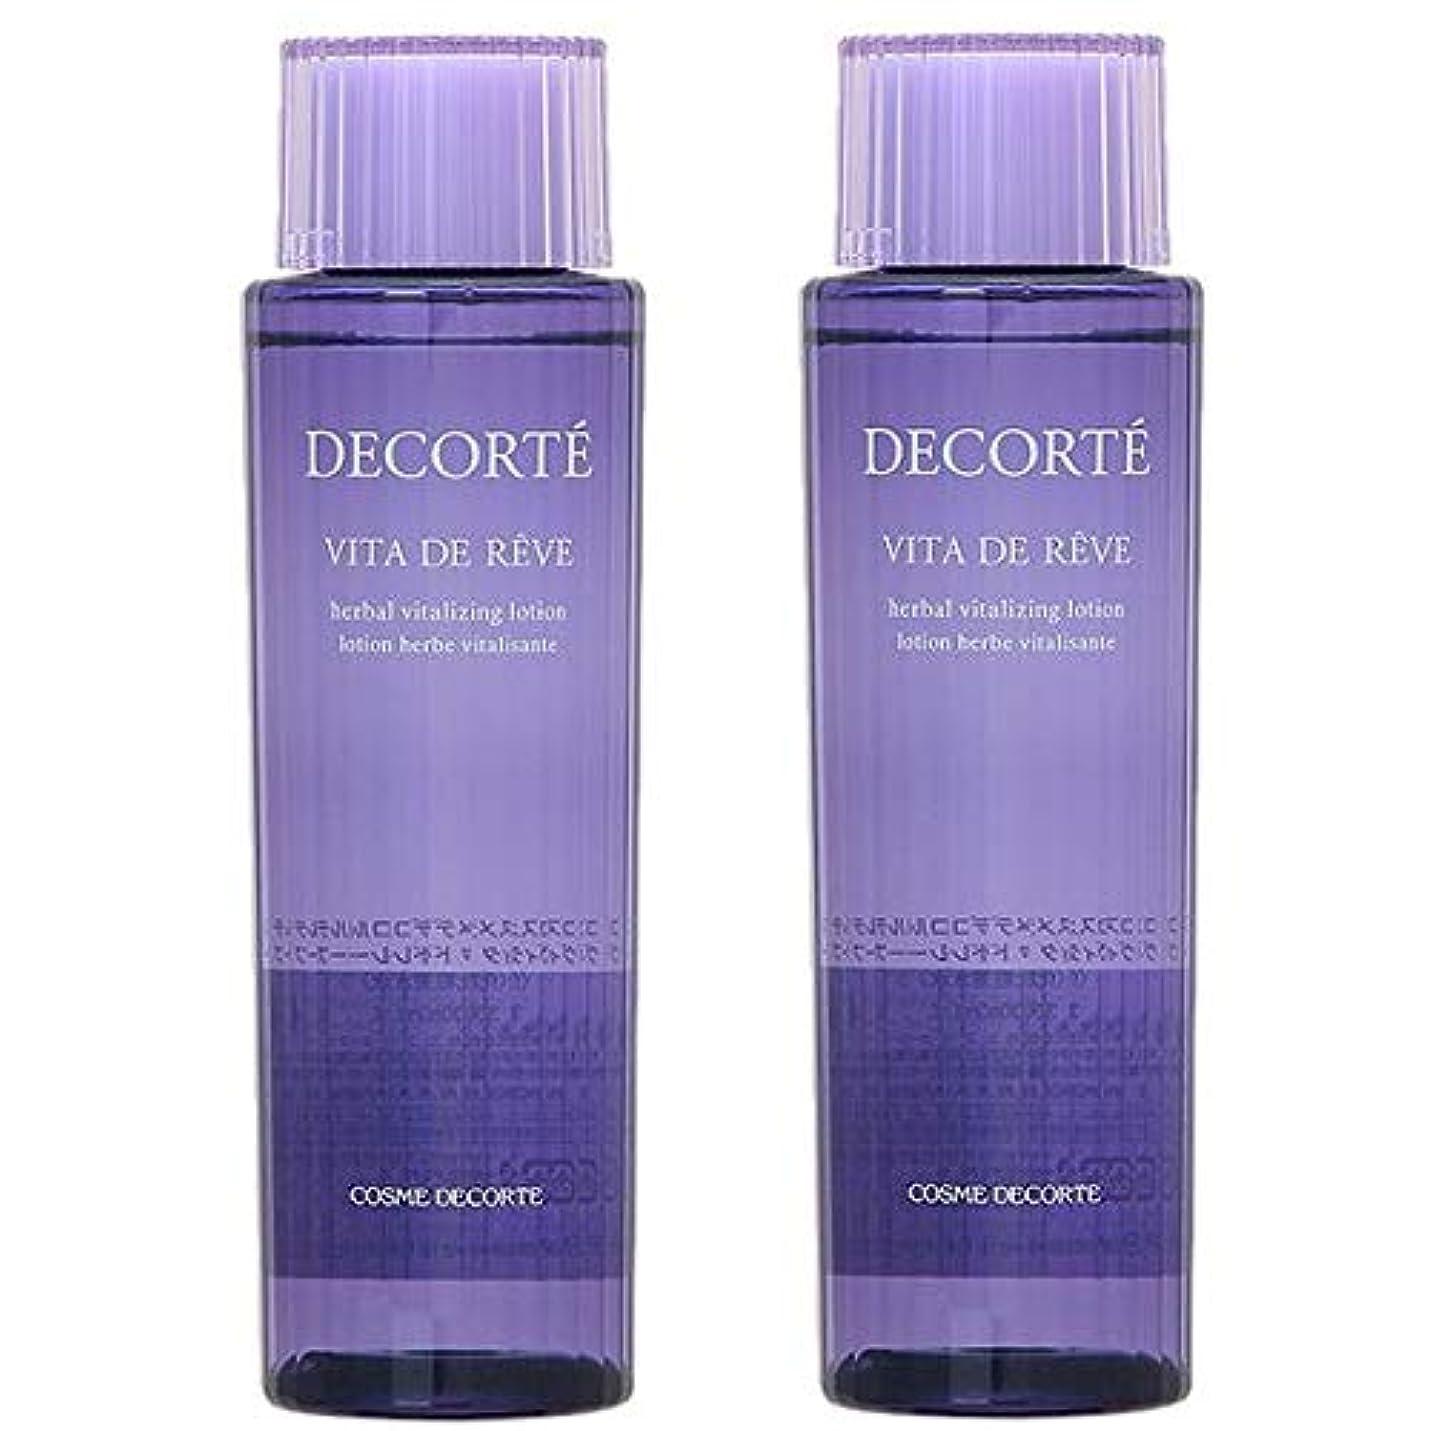 前置詞美容師フラッシュのように素早く【セット】コーセー コスメデコルテ COSME DECORTE ヴィタドレーブ 300mL 2個セット